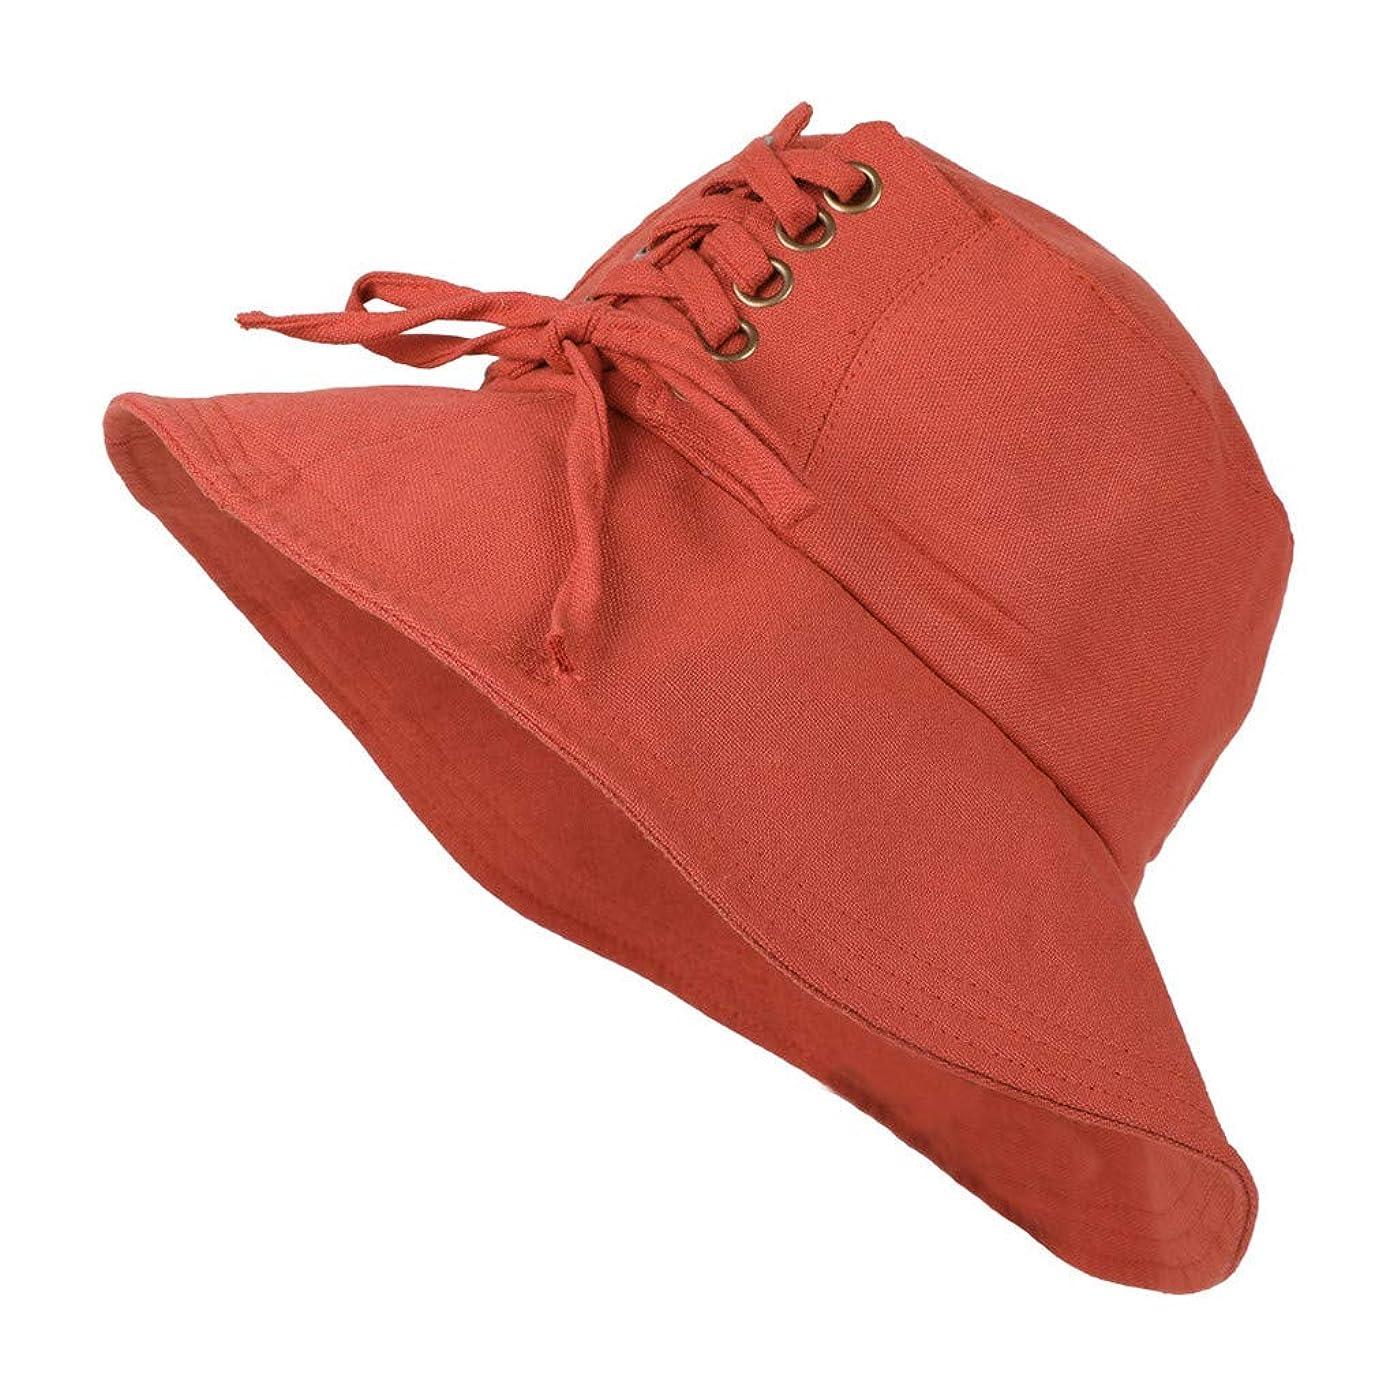 綺麗な設計ルームUVカット 帽子 レディース 日よけ 帽子 レディース ハット つば広 ハット日よけ 折りたたみ 夏季 女優帽 小顔効果抜群 日よけ 小顔 UV対策 おしゃれ 可愛い ハット ニット帽 キャップ レディース ROSE ROMAN